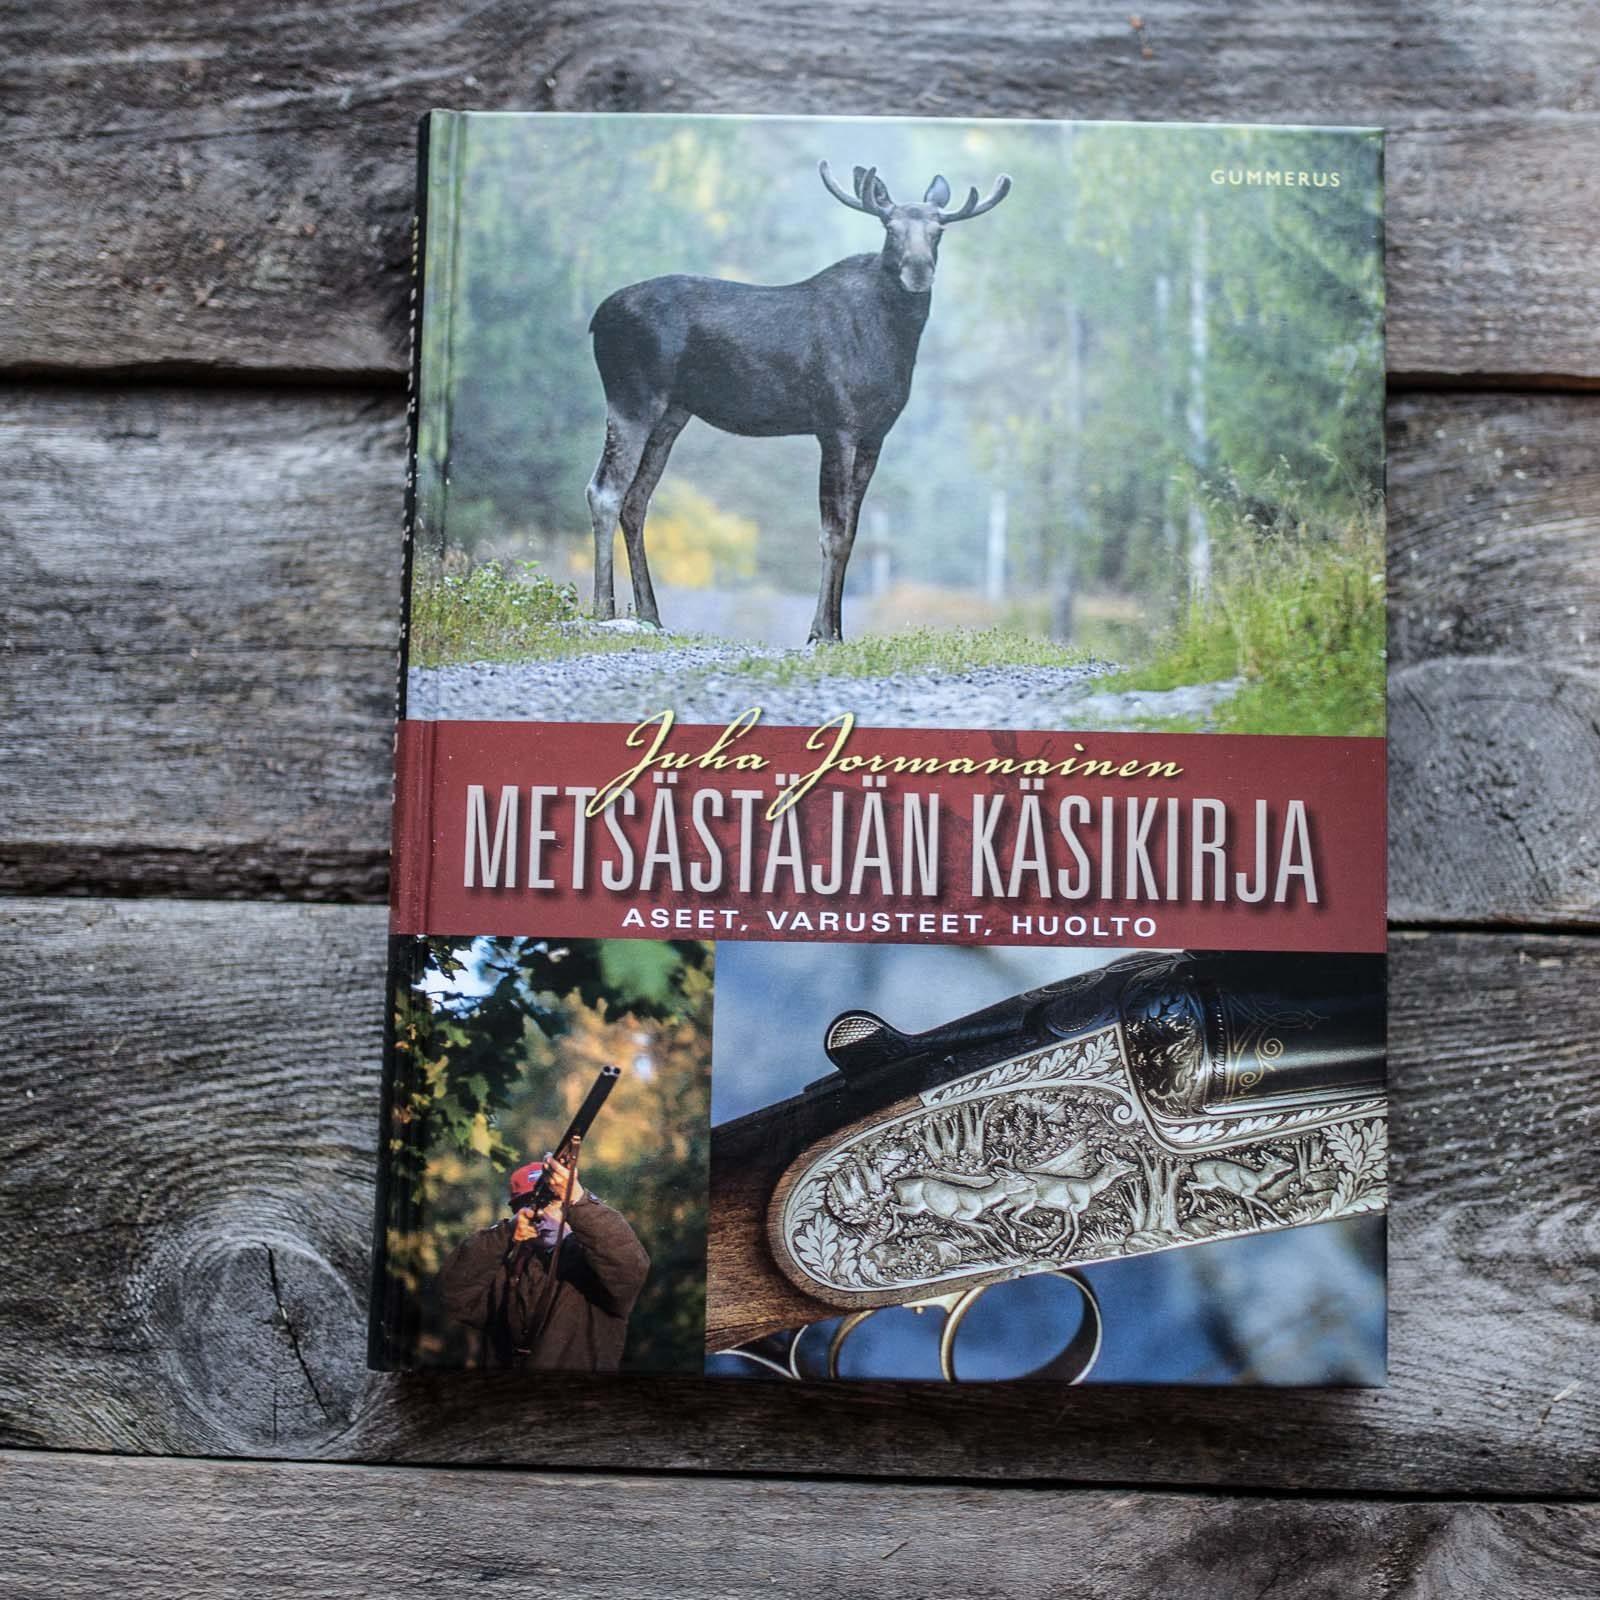 Metsästäjän käsikirja